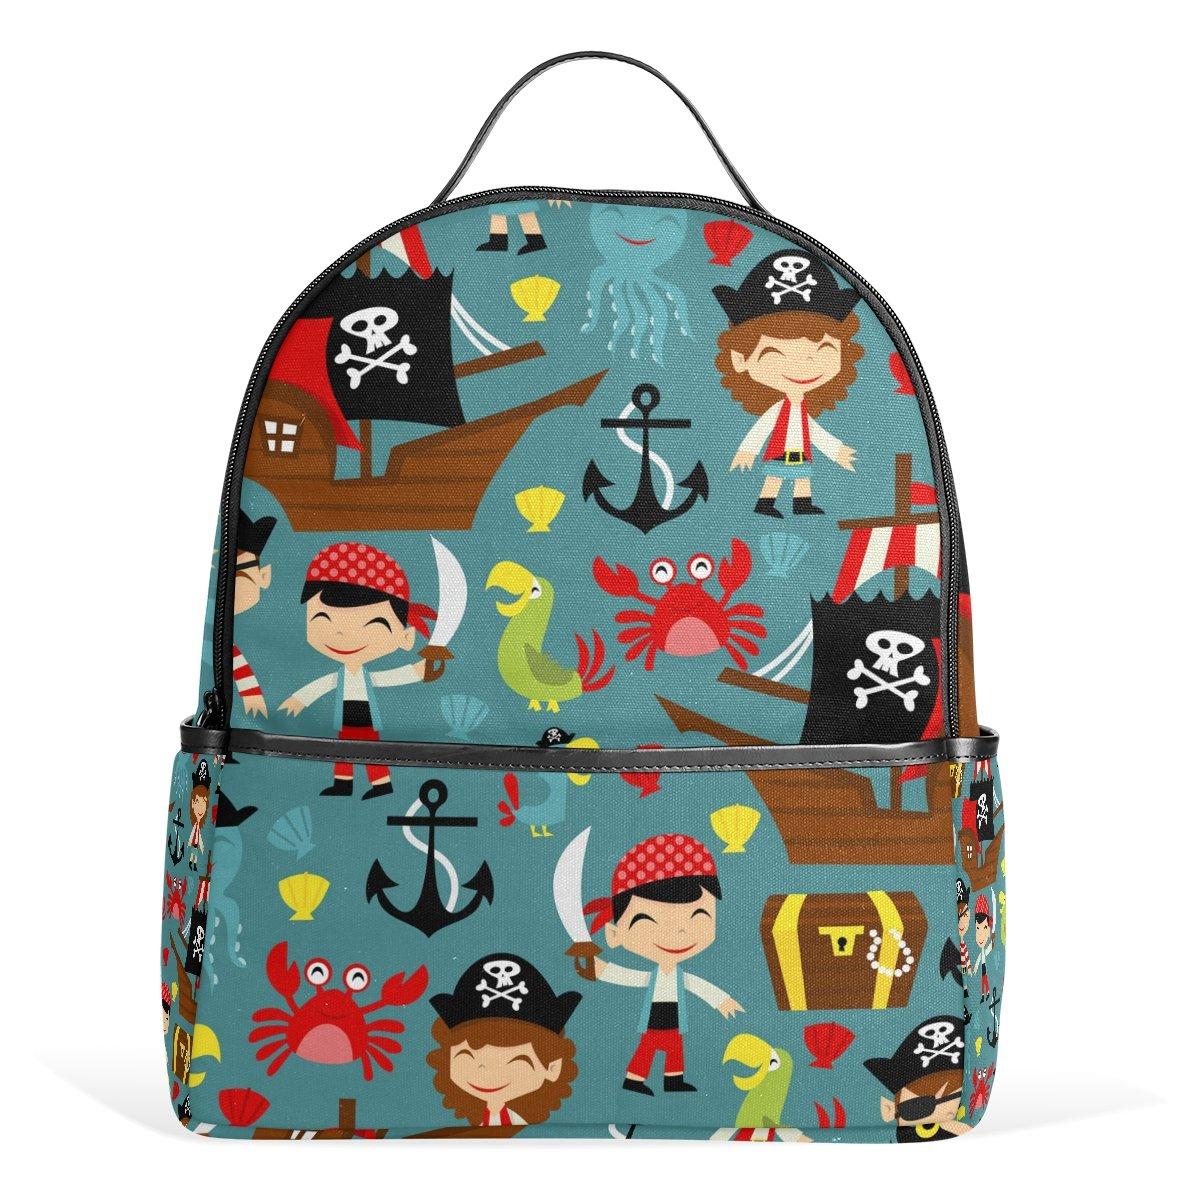 new DEYYA Pirates Anchor Skull Kids School Backpacks for Boys Girls Bookbags Children's Gift